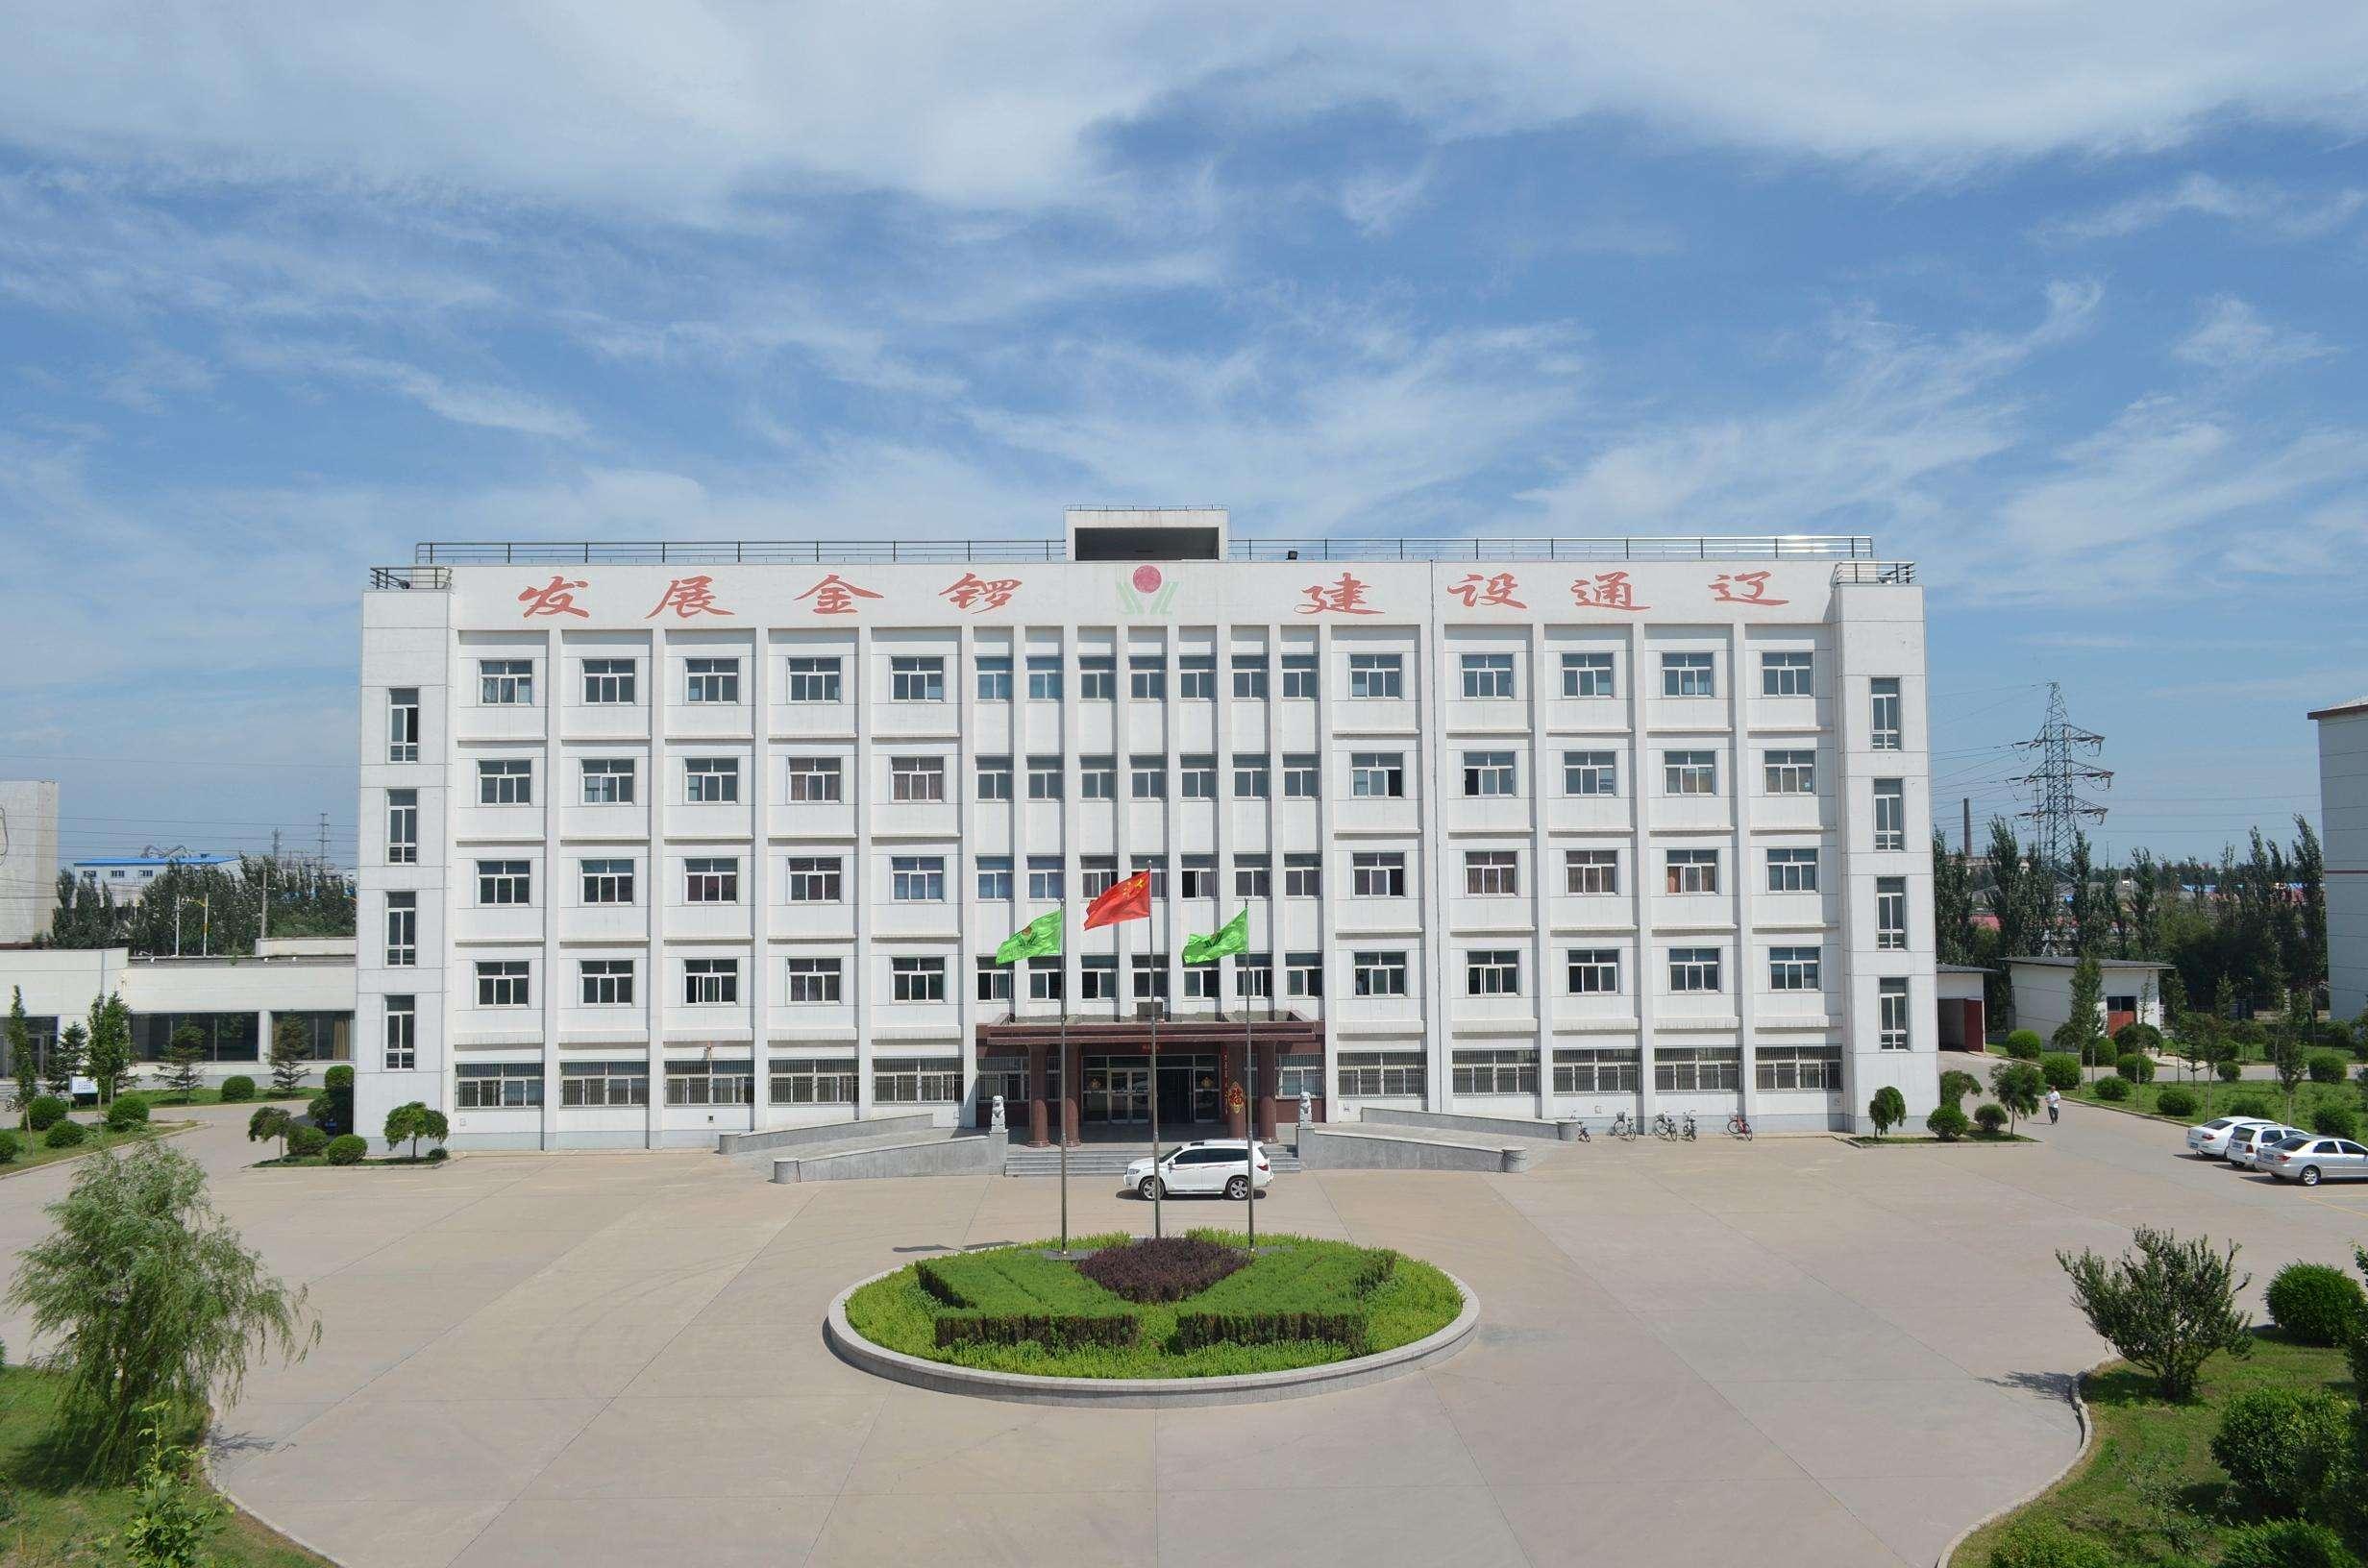 内蒙古通辽经济技术开发区